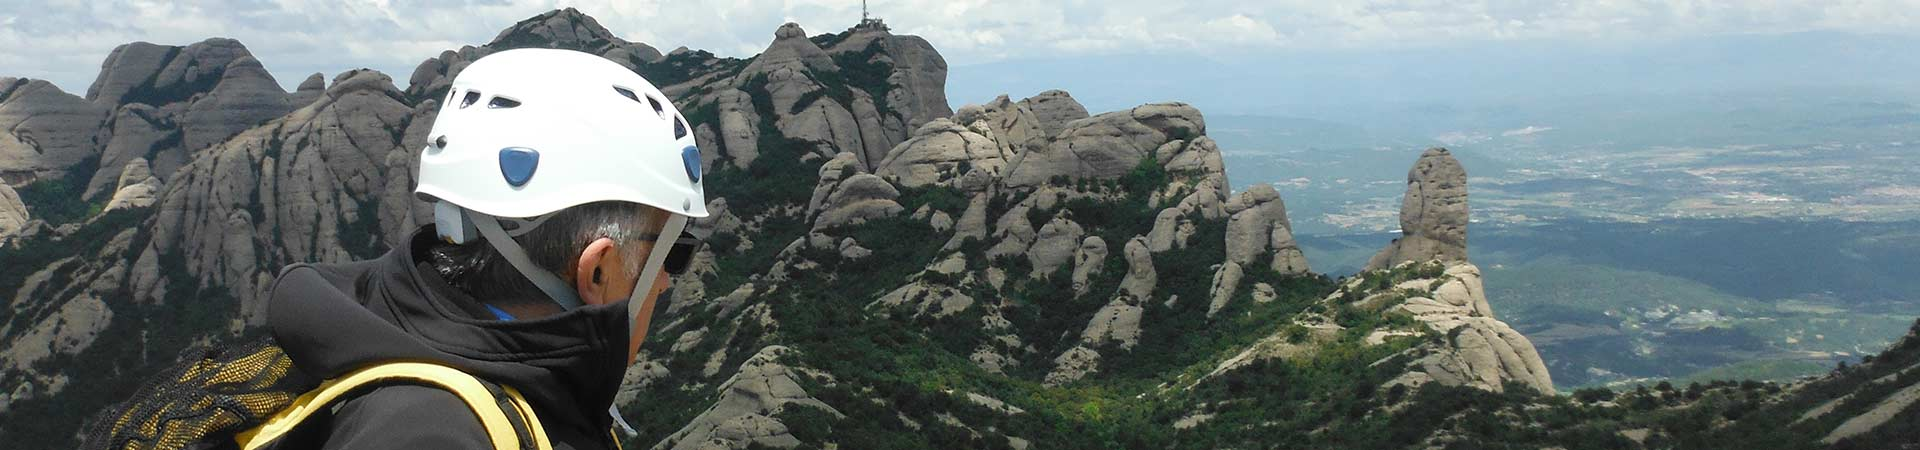 Escalada-Via-Llarga-a-Montserrat